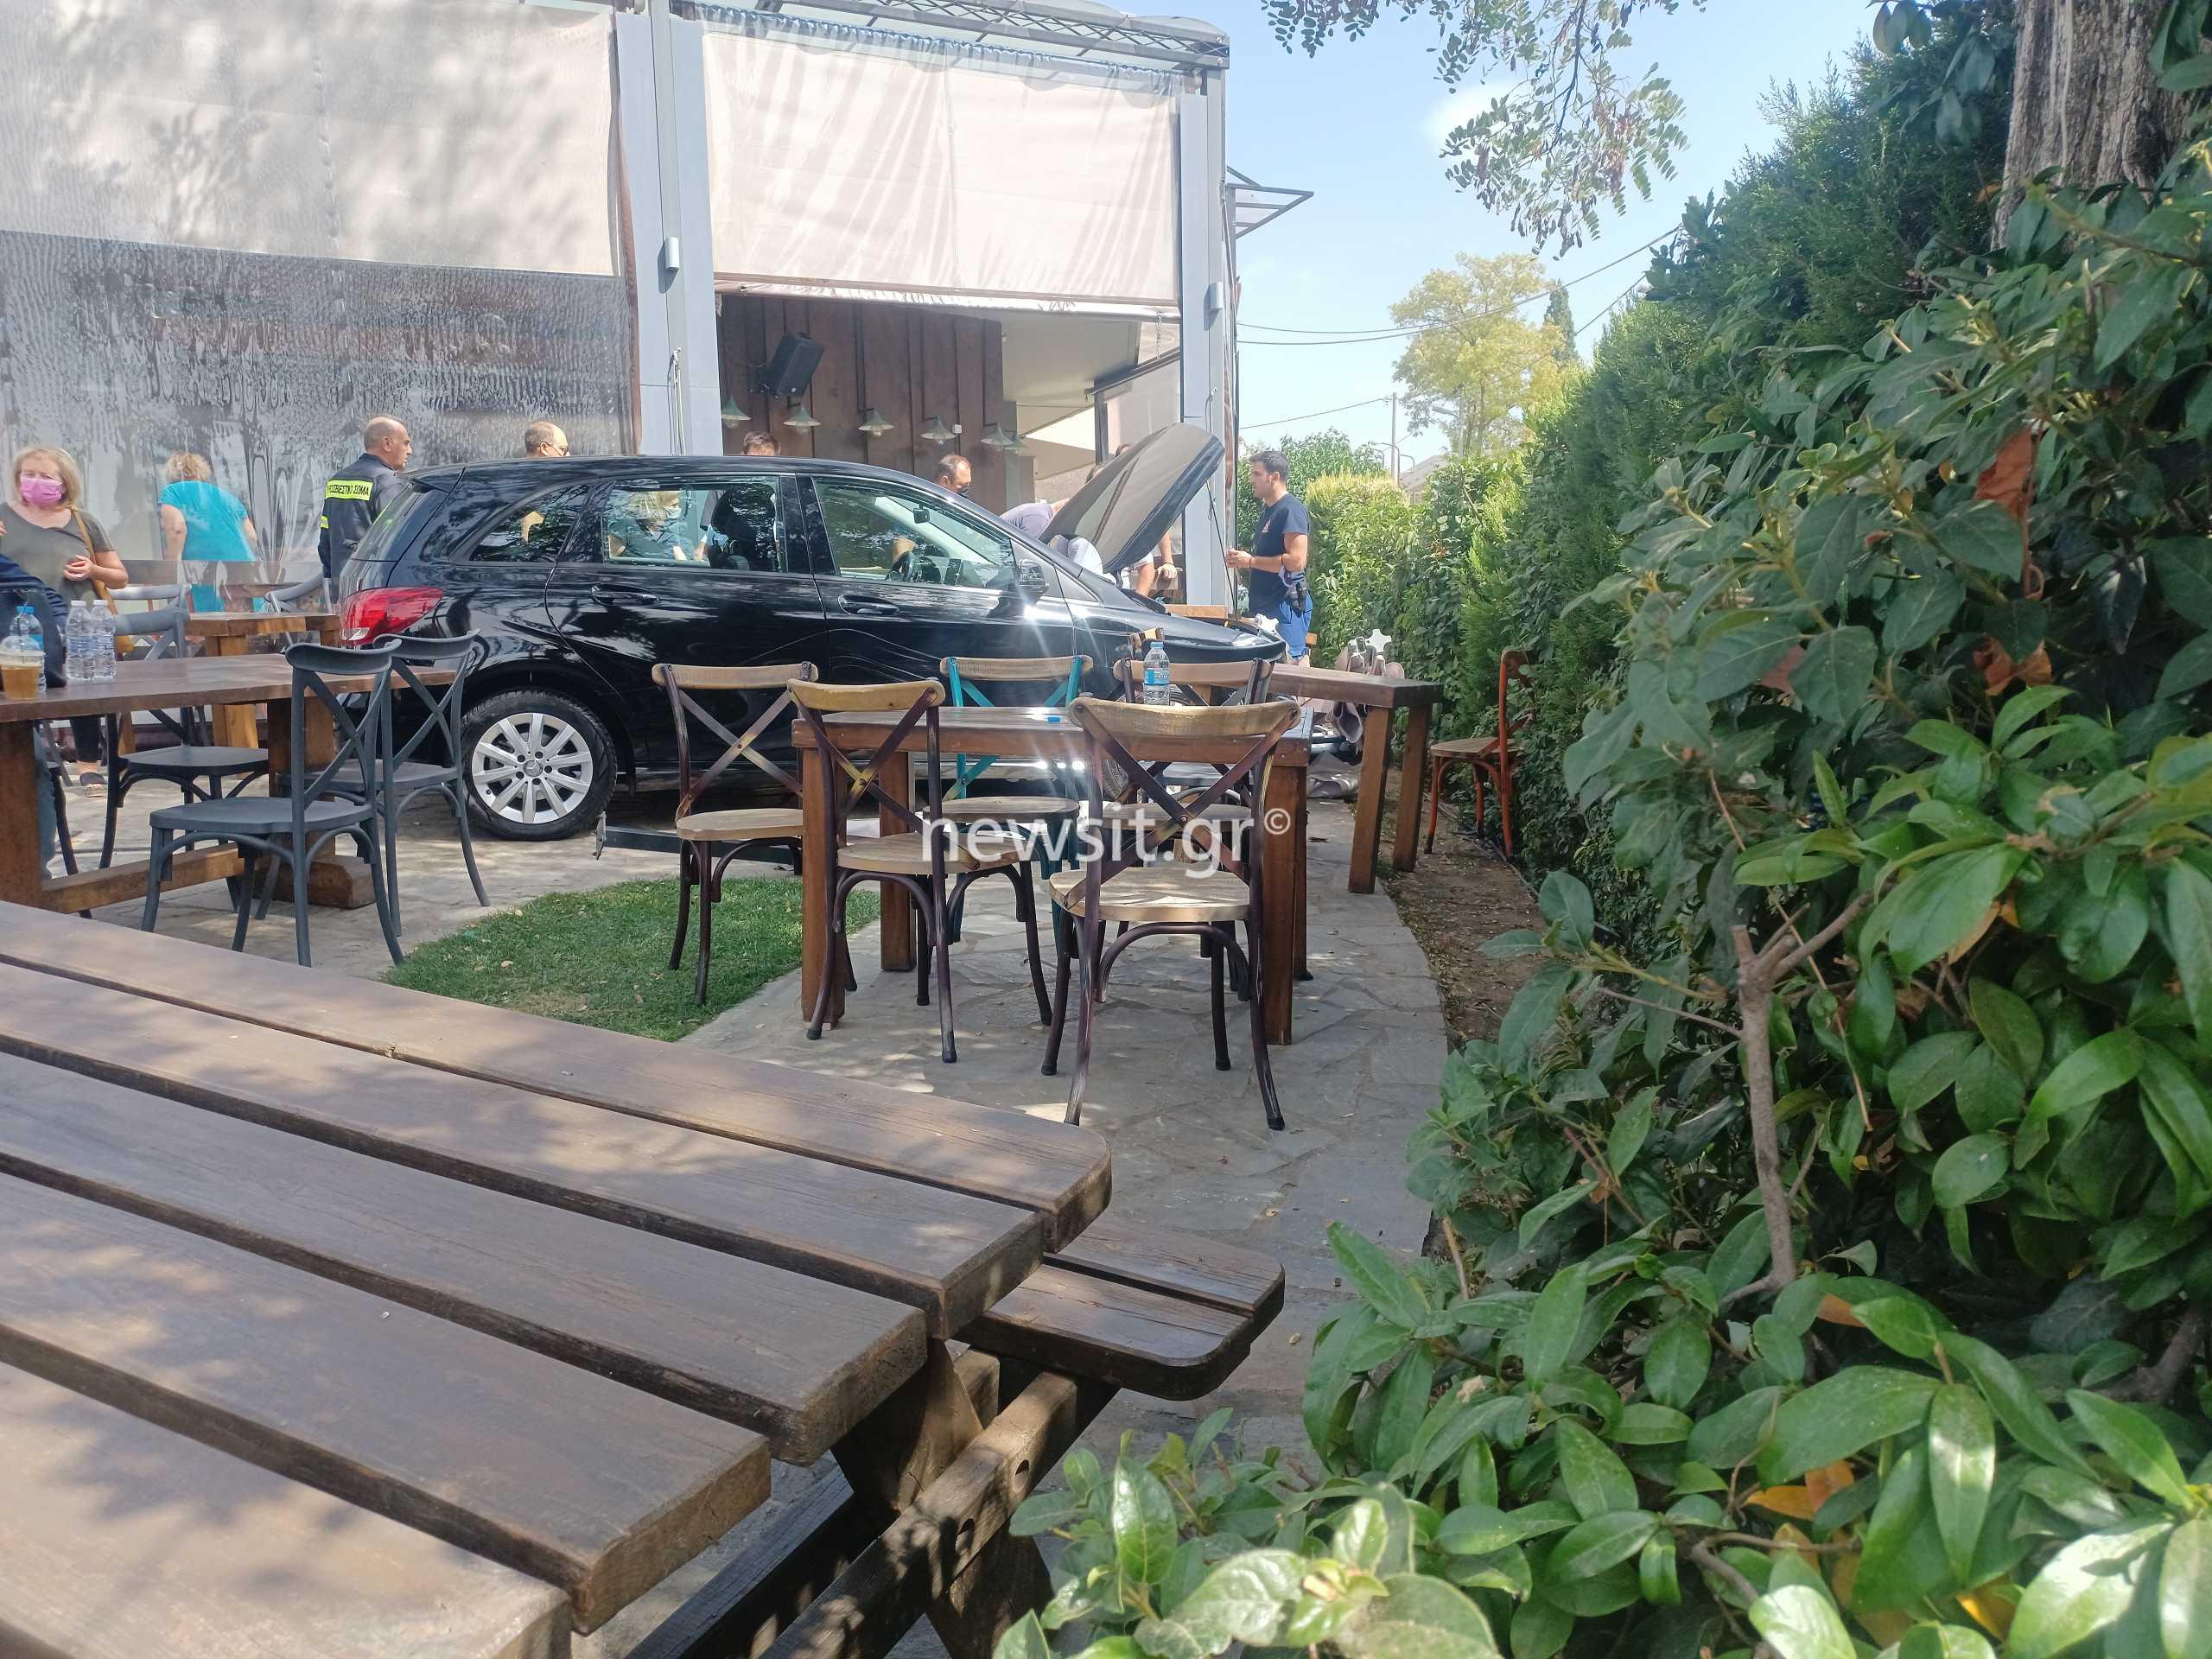 Άνοιξη: Αυτοκίνητο «μπούκαρε» σε καφετέρια και πήρε σβάρνα τα τραπέζια!